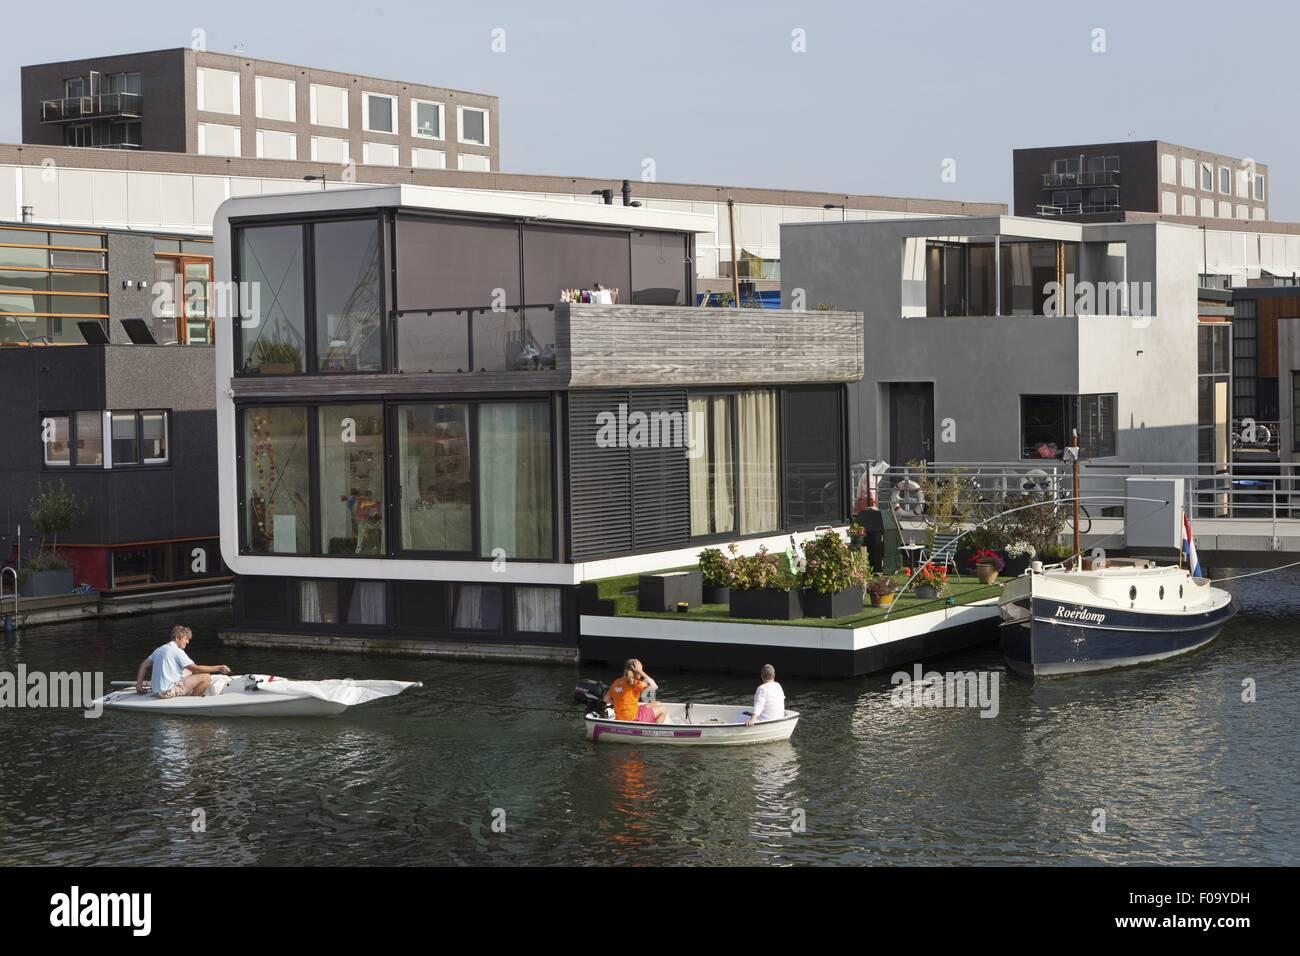 Water Homes In Ijburg, Steigereiland, Amsterdam, Netherlands